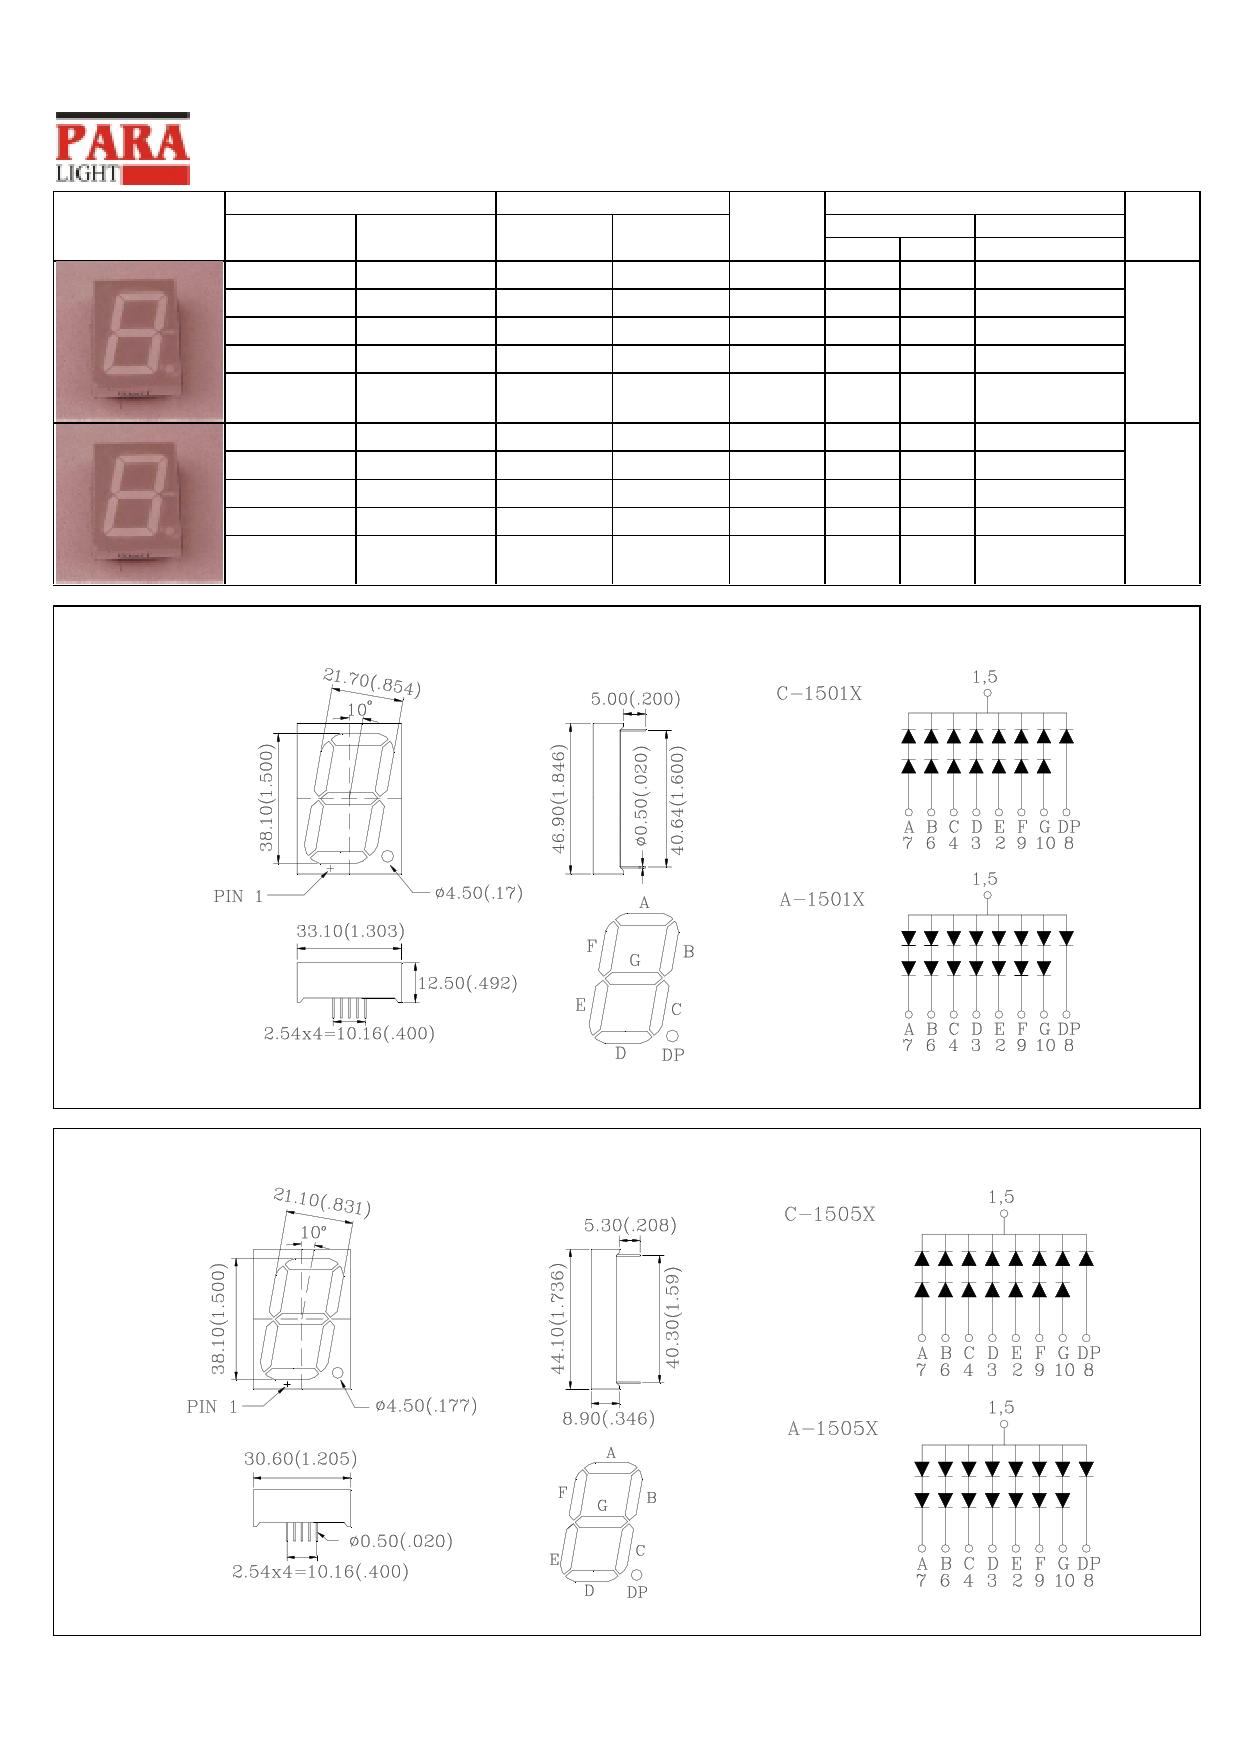 C-1505Y datasheet